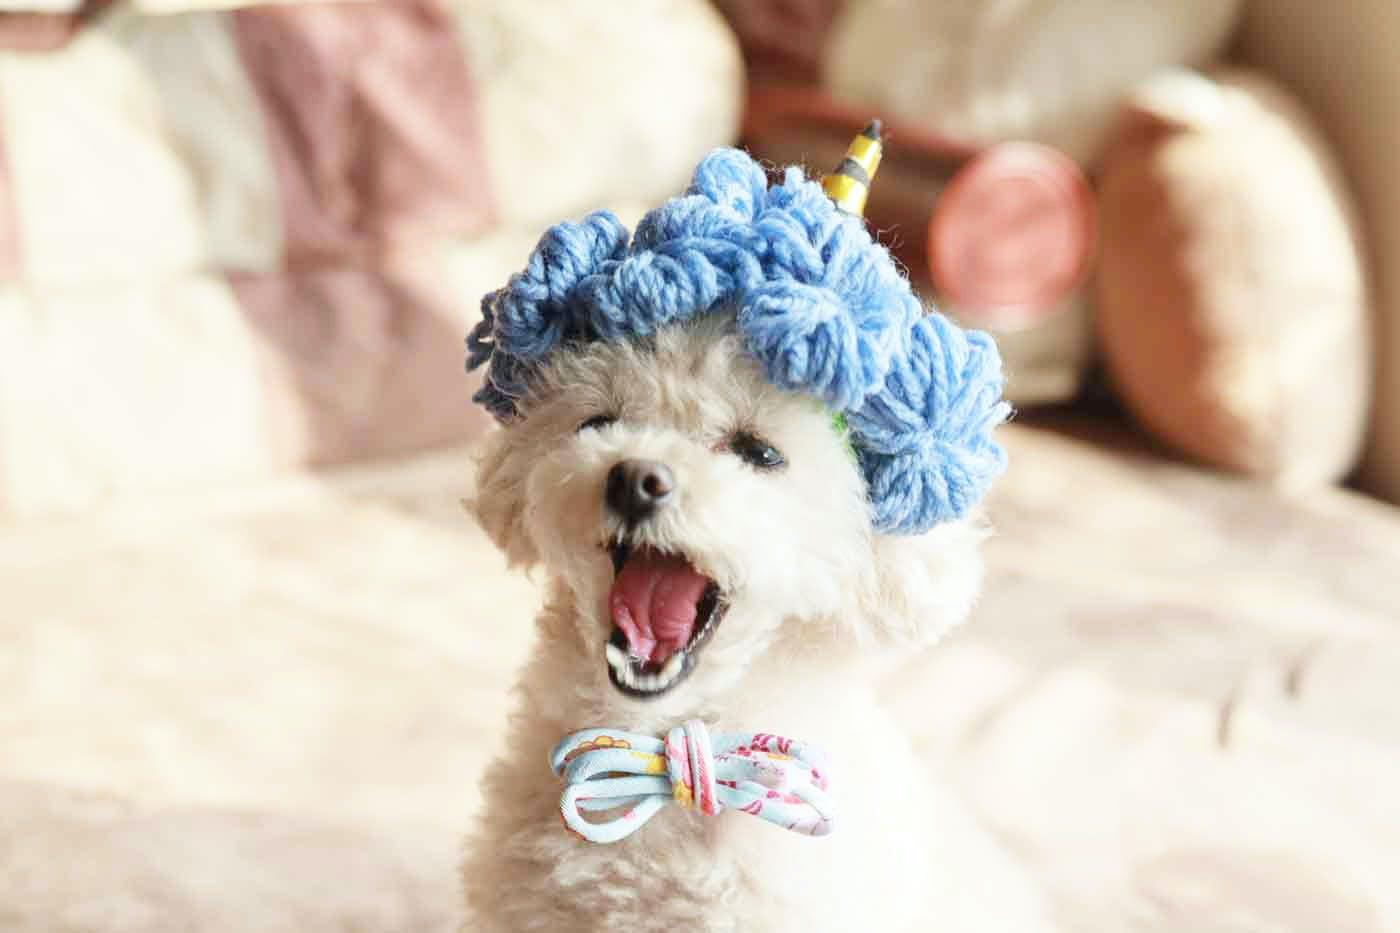 【15分で完成】100均アイテムだけで愛犬用の節分のかぶりものを簡単手作り!